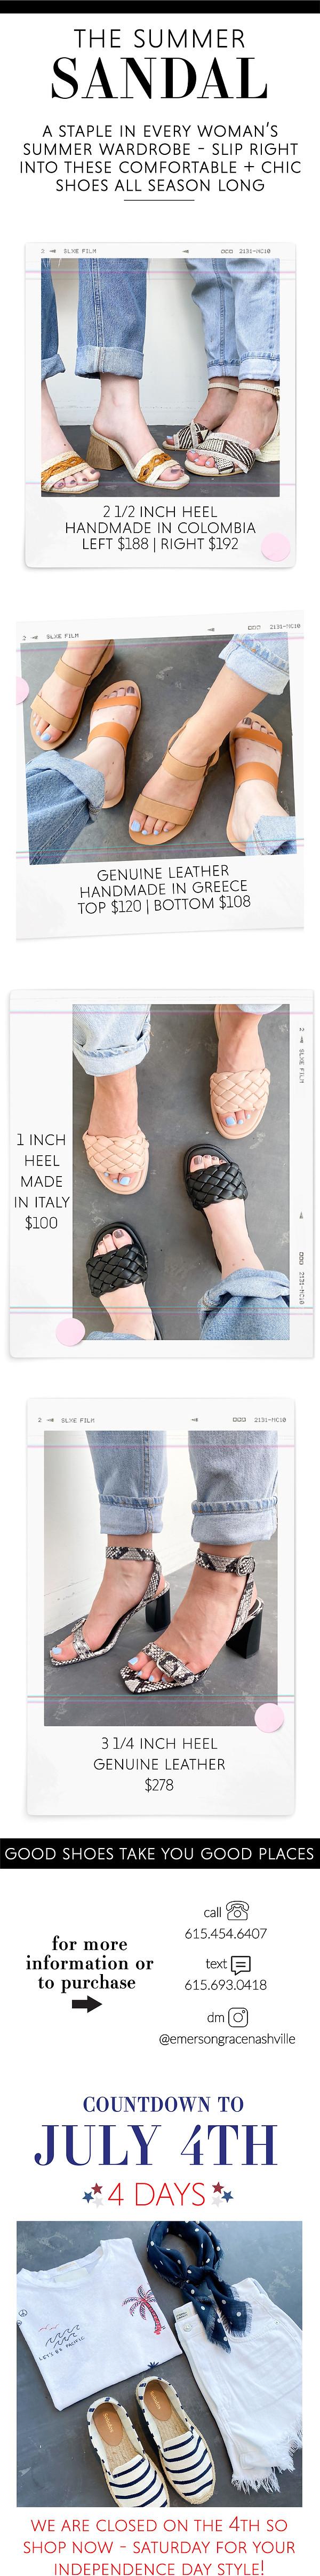 The Summer Sandal.jpg